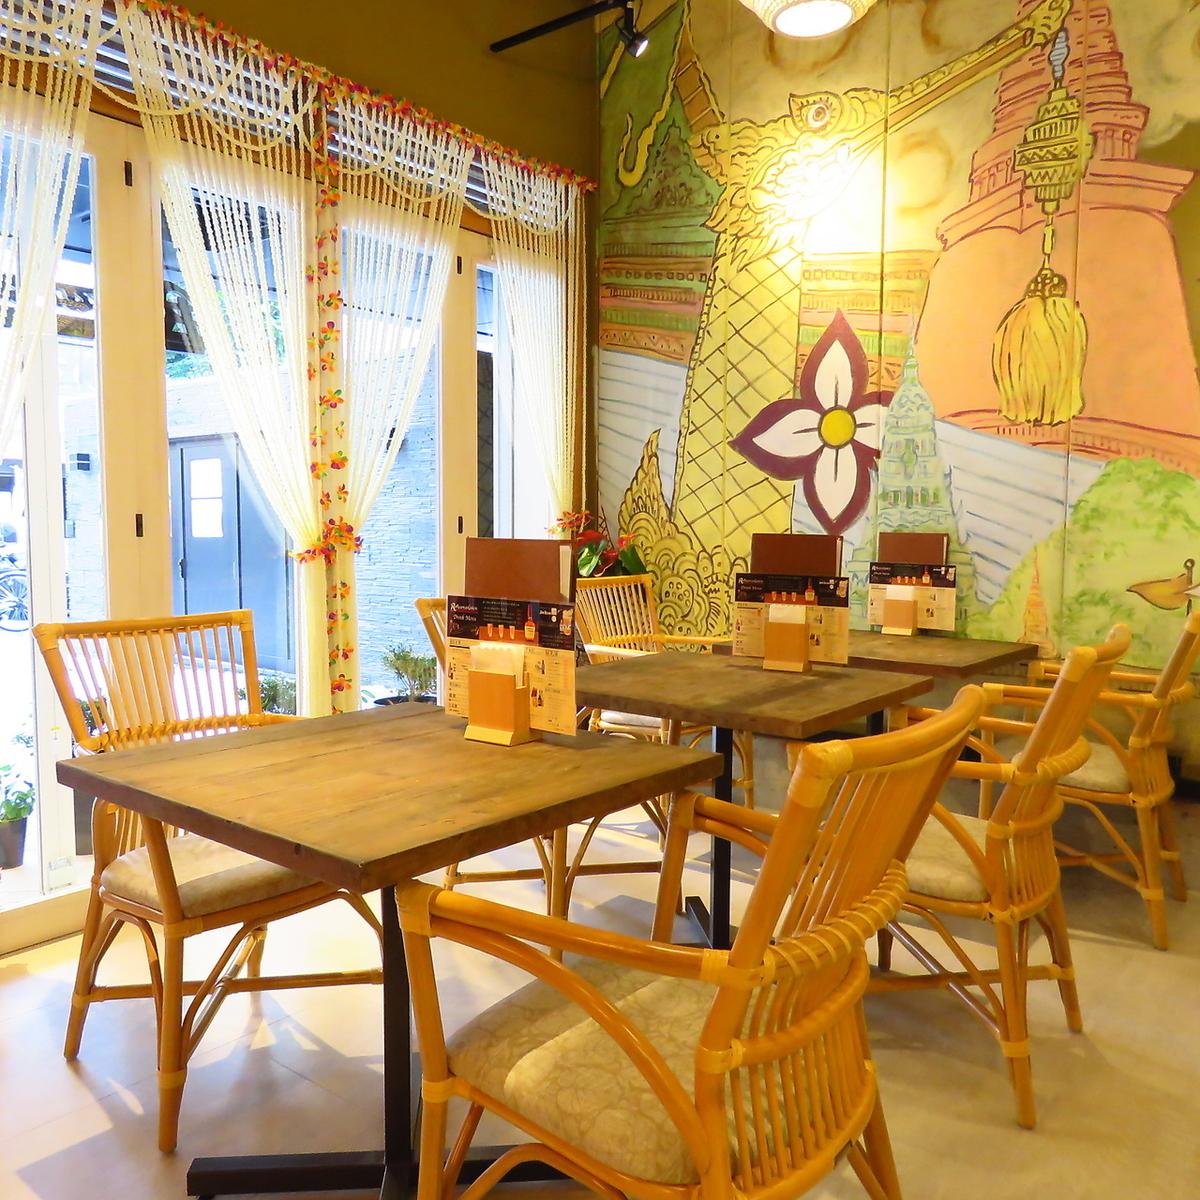 大きな窓がオープンテラス感を演出してくれるリゾート感のあるテーブル席!女子会にもデートにも◎